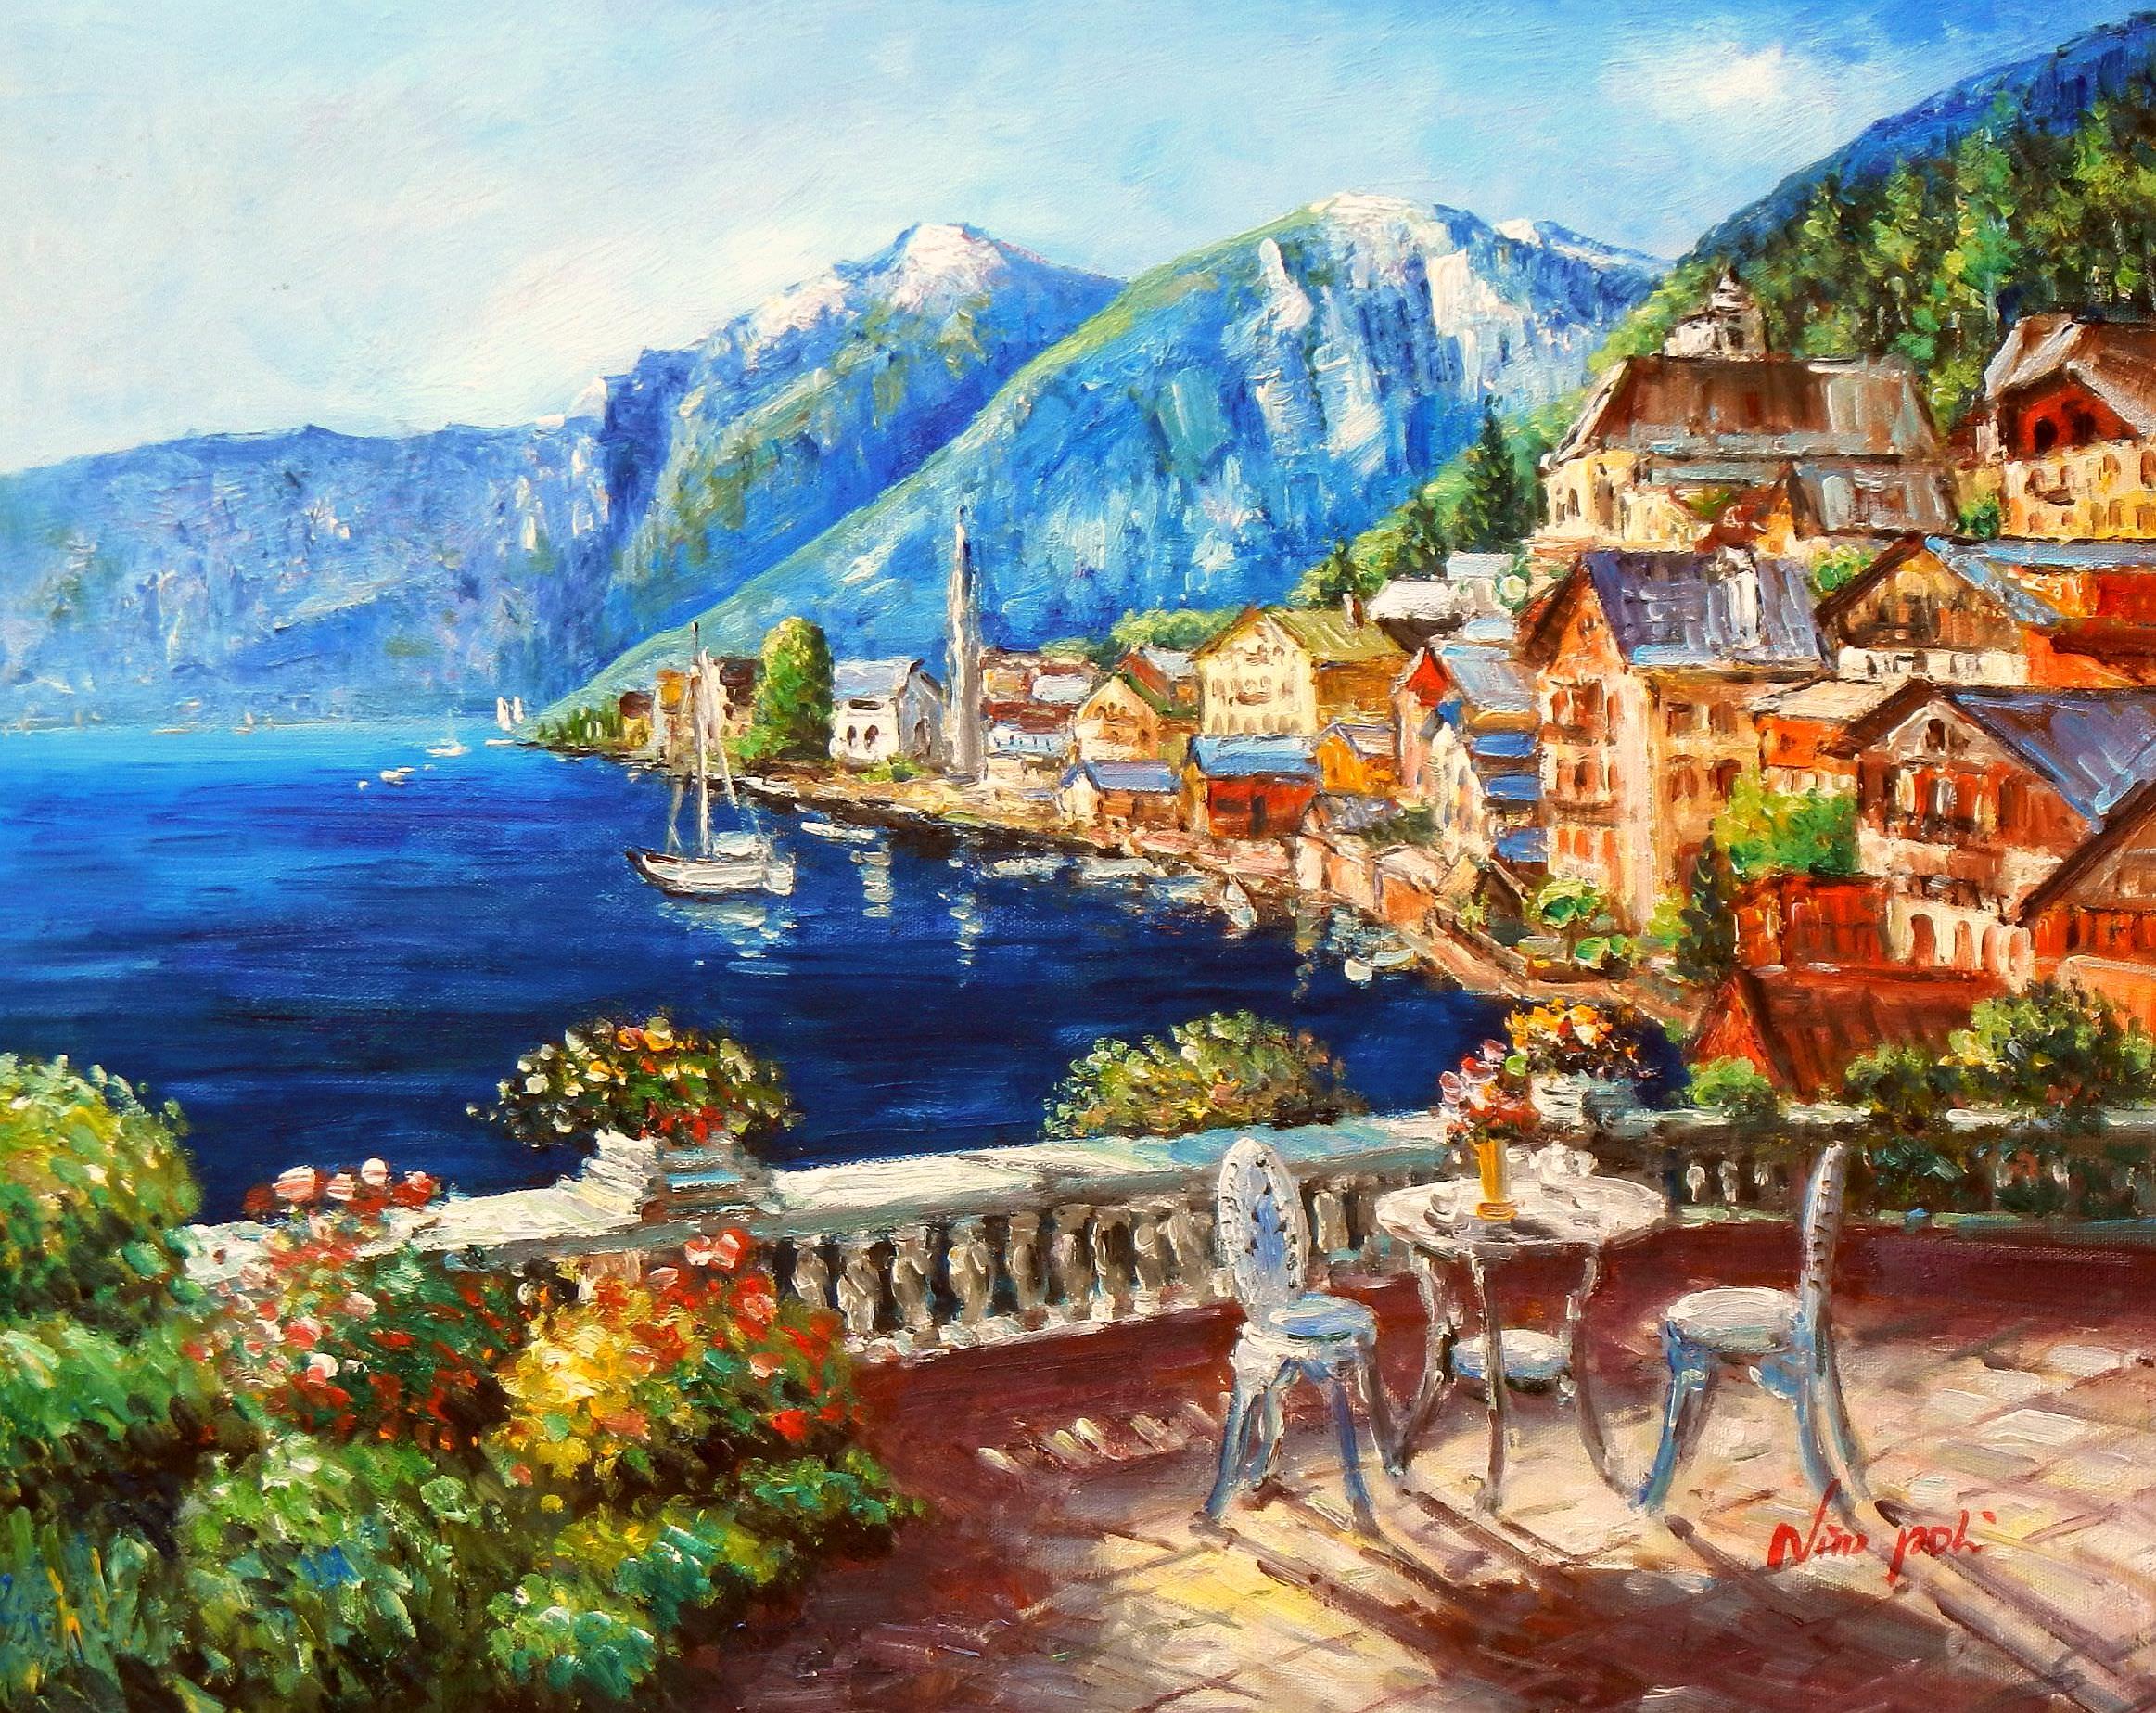 Hotelterrasse mit Meeresblick b93615 40x50cm abstraktes Gemälde handgemalt